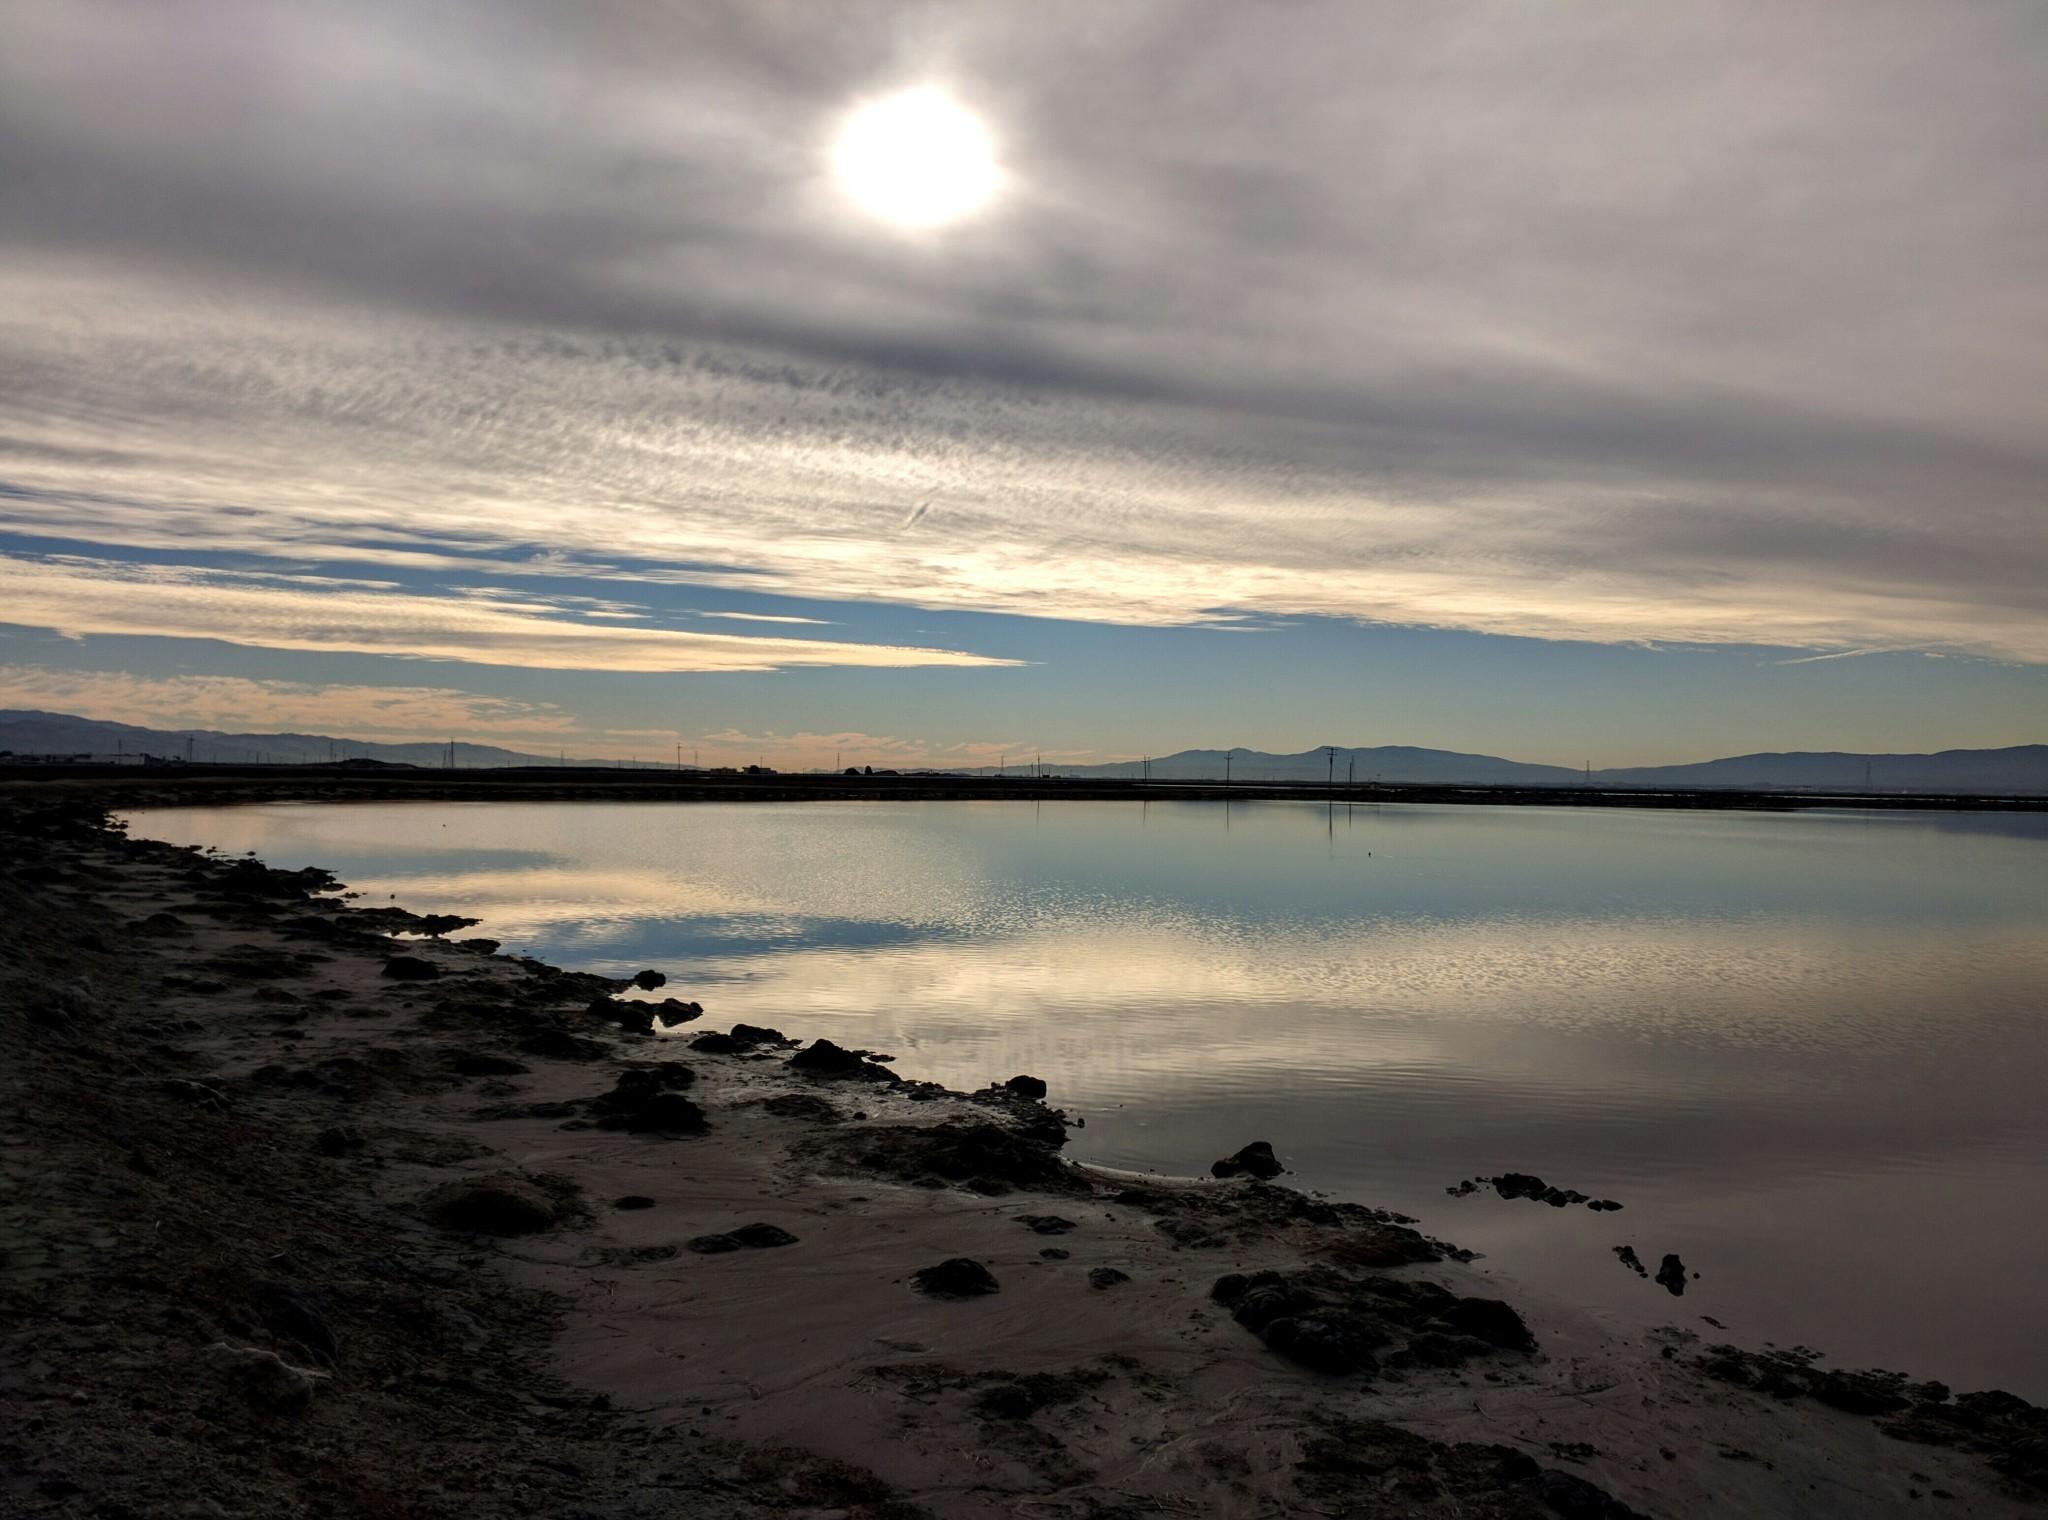 Luci e riflessi sulle paludi in una giornata invernale